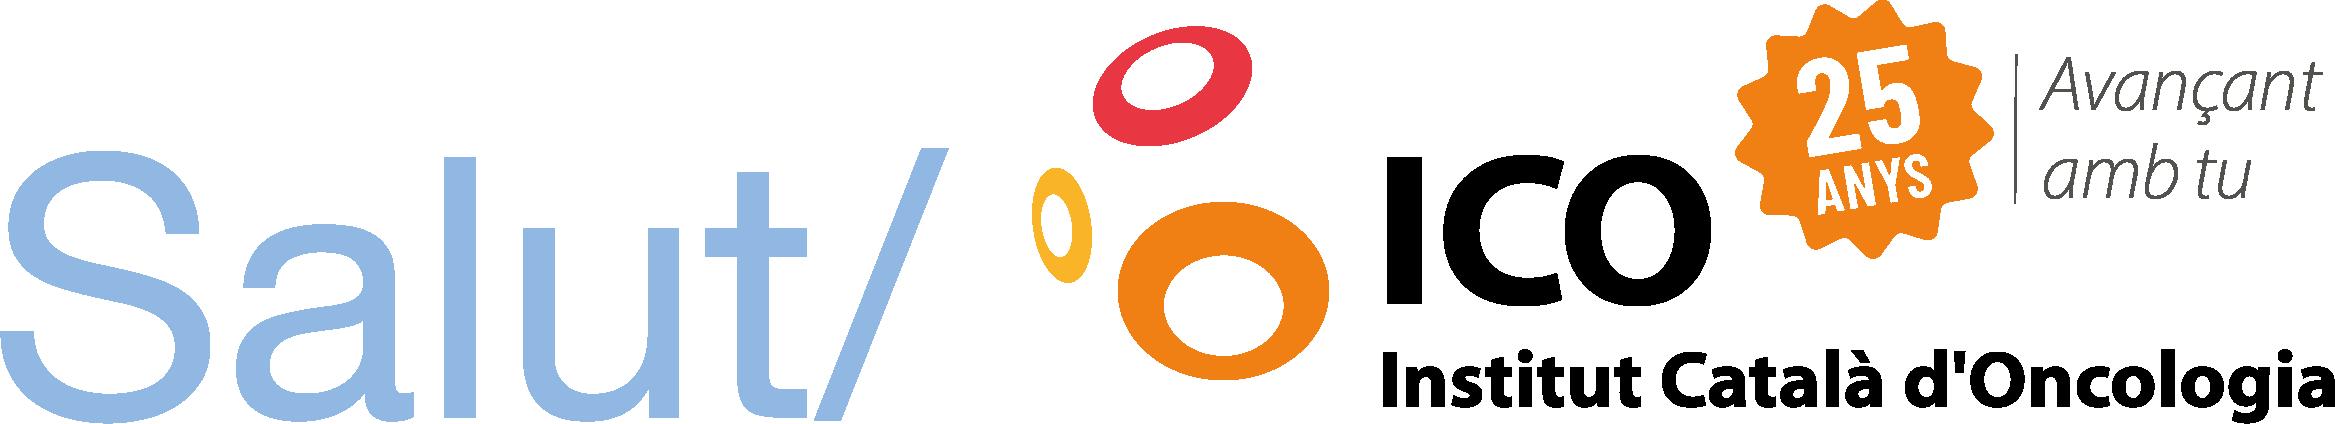 Logo institut catala d'oncologia